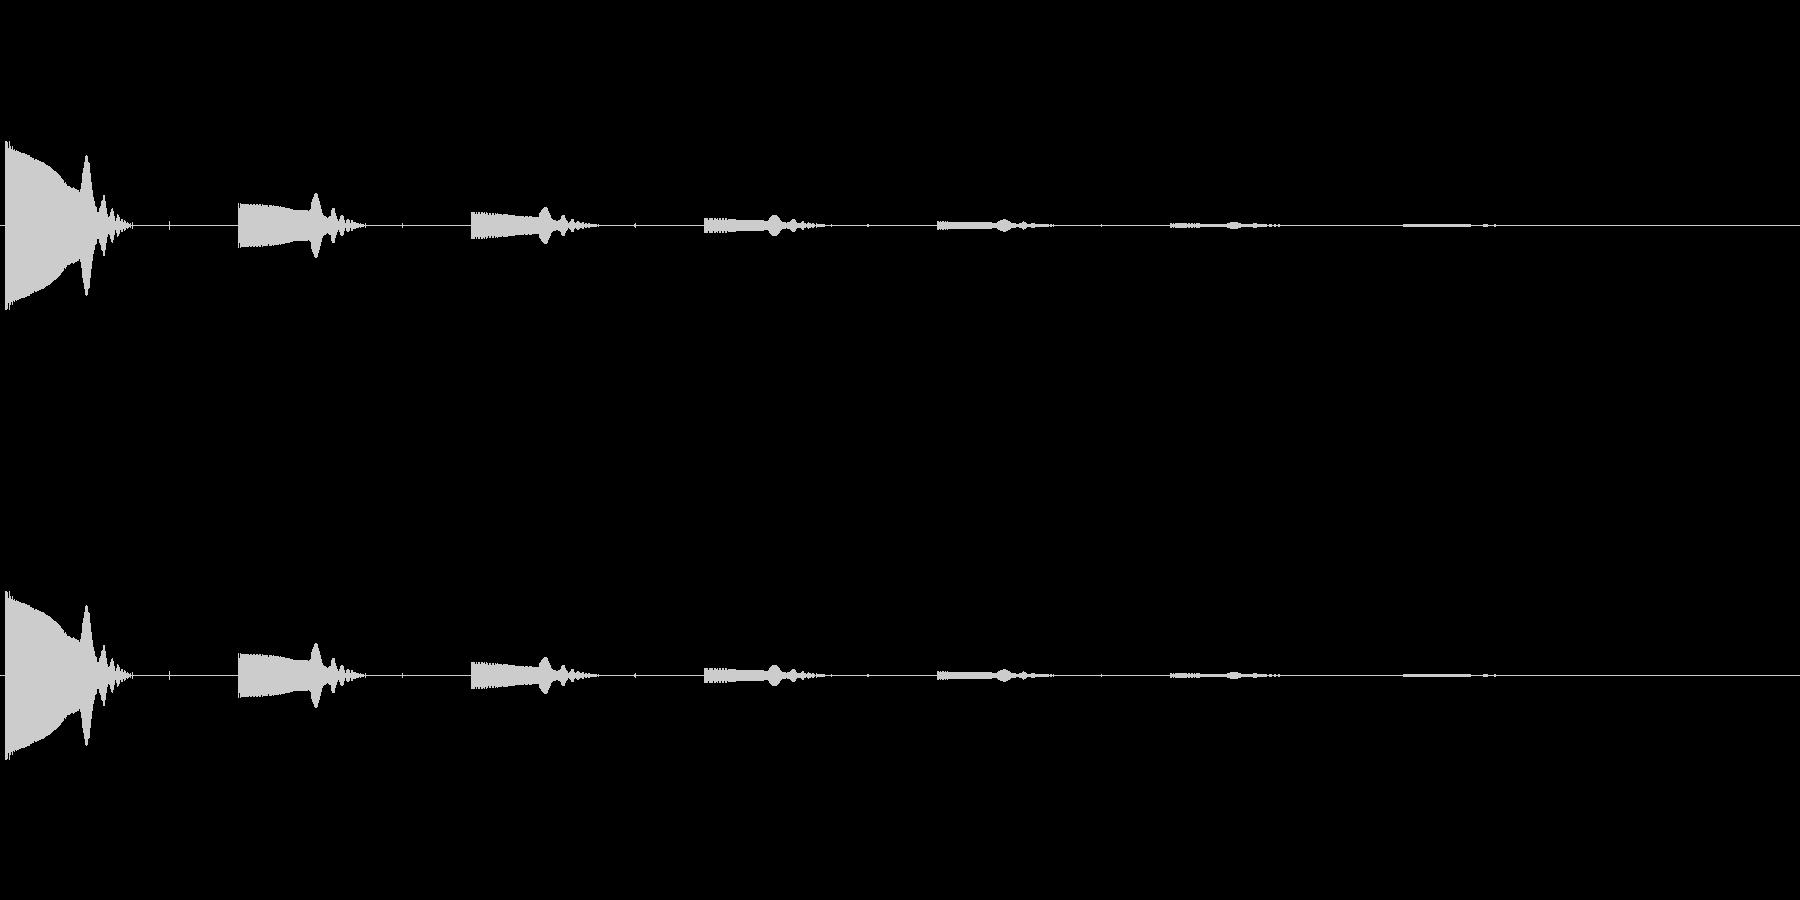 パッパッパ(8bit/ノイズ/弾/攻撃の未再生の波形